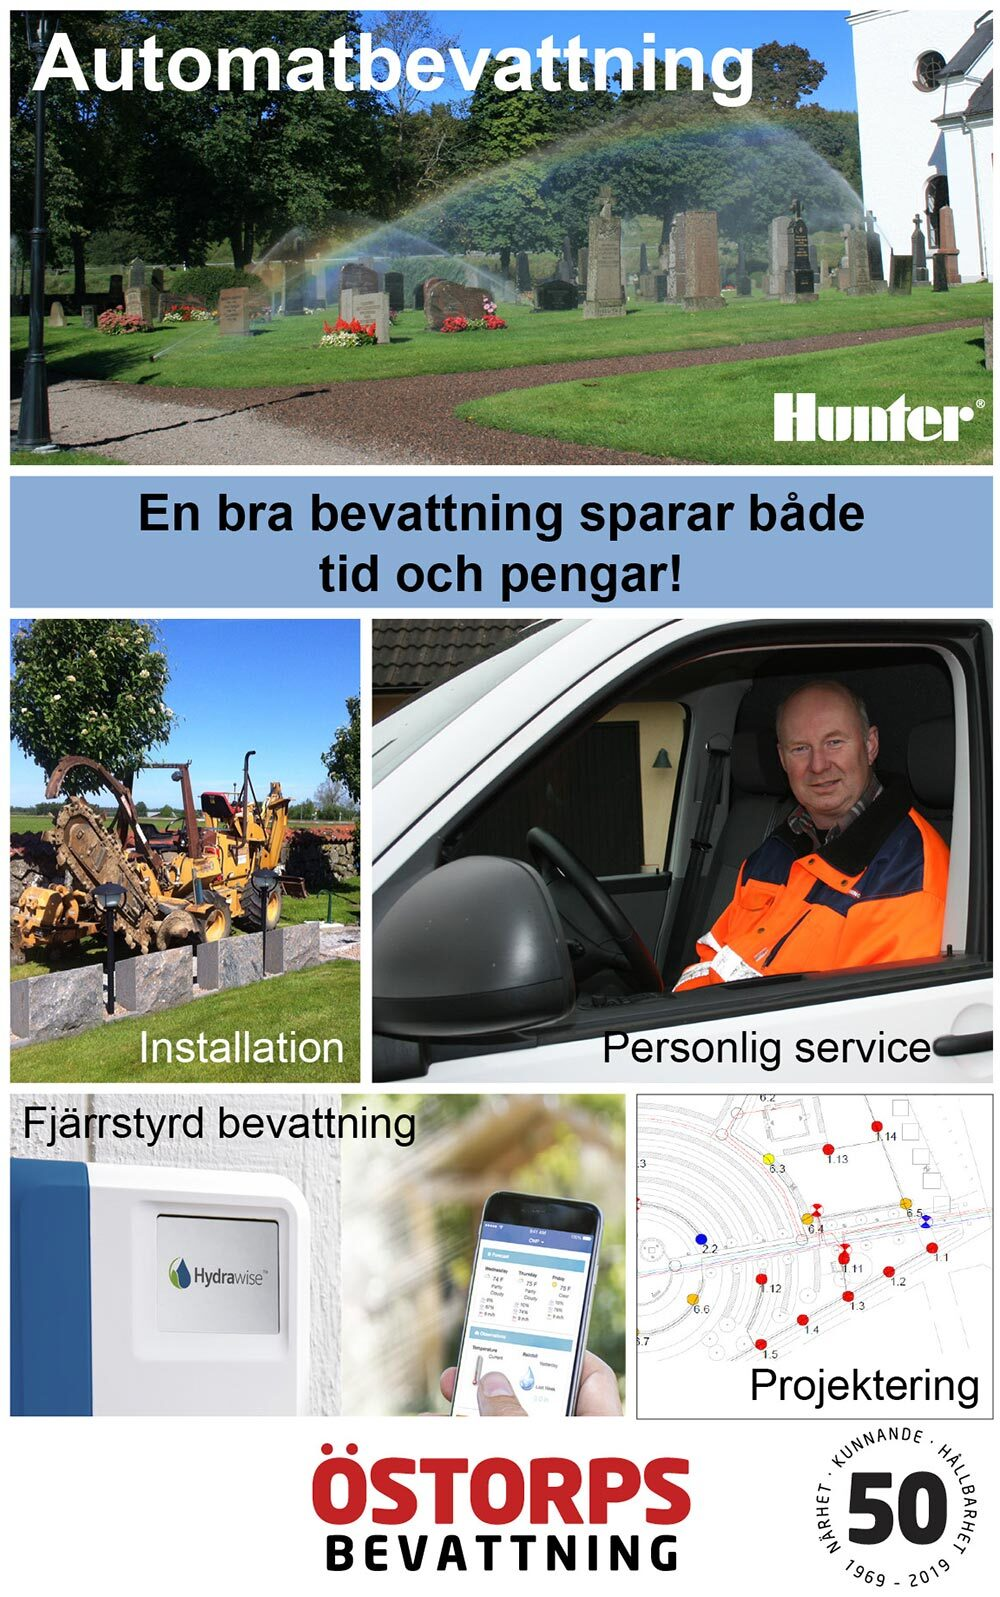 Ostorps_Bevattning_2021.jpg